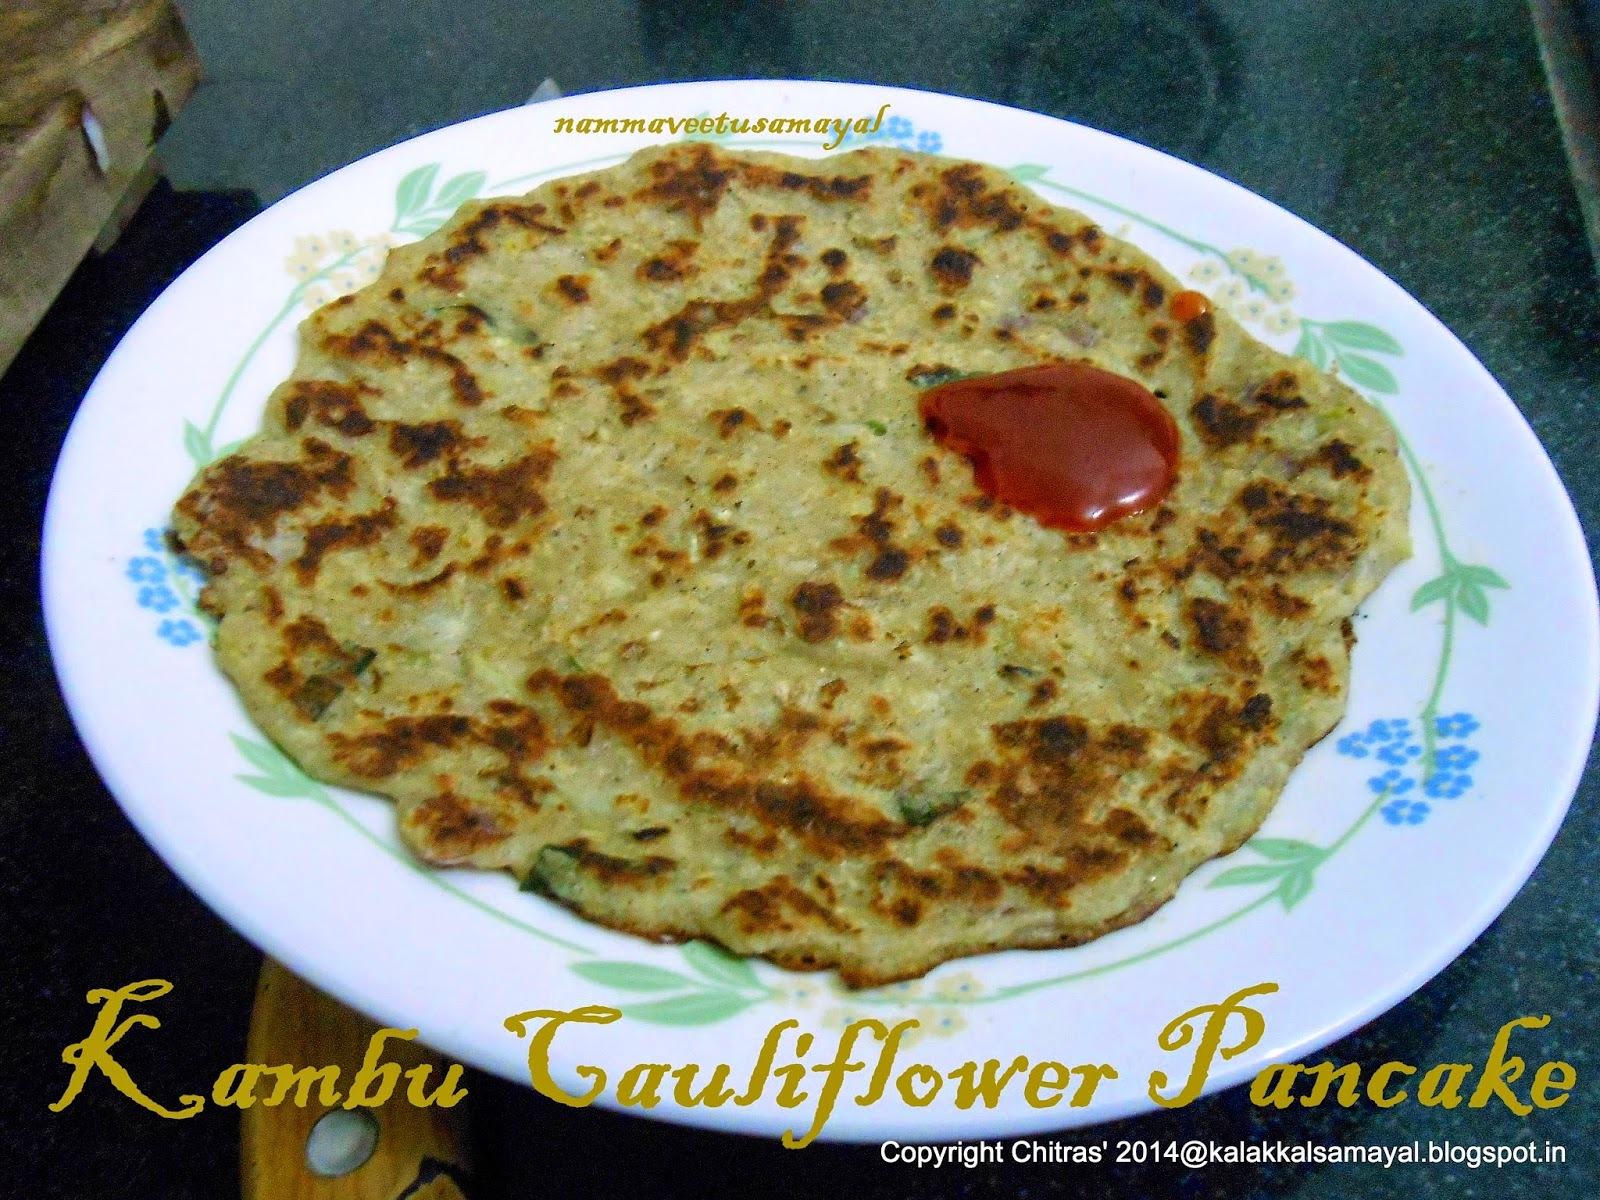 Kambu-Cauliflower-Pancake